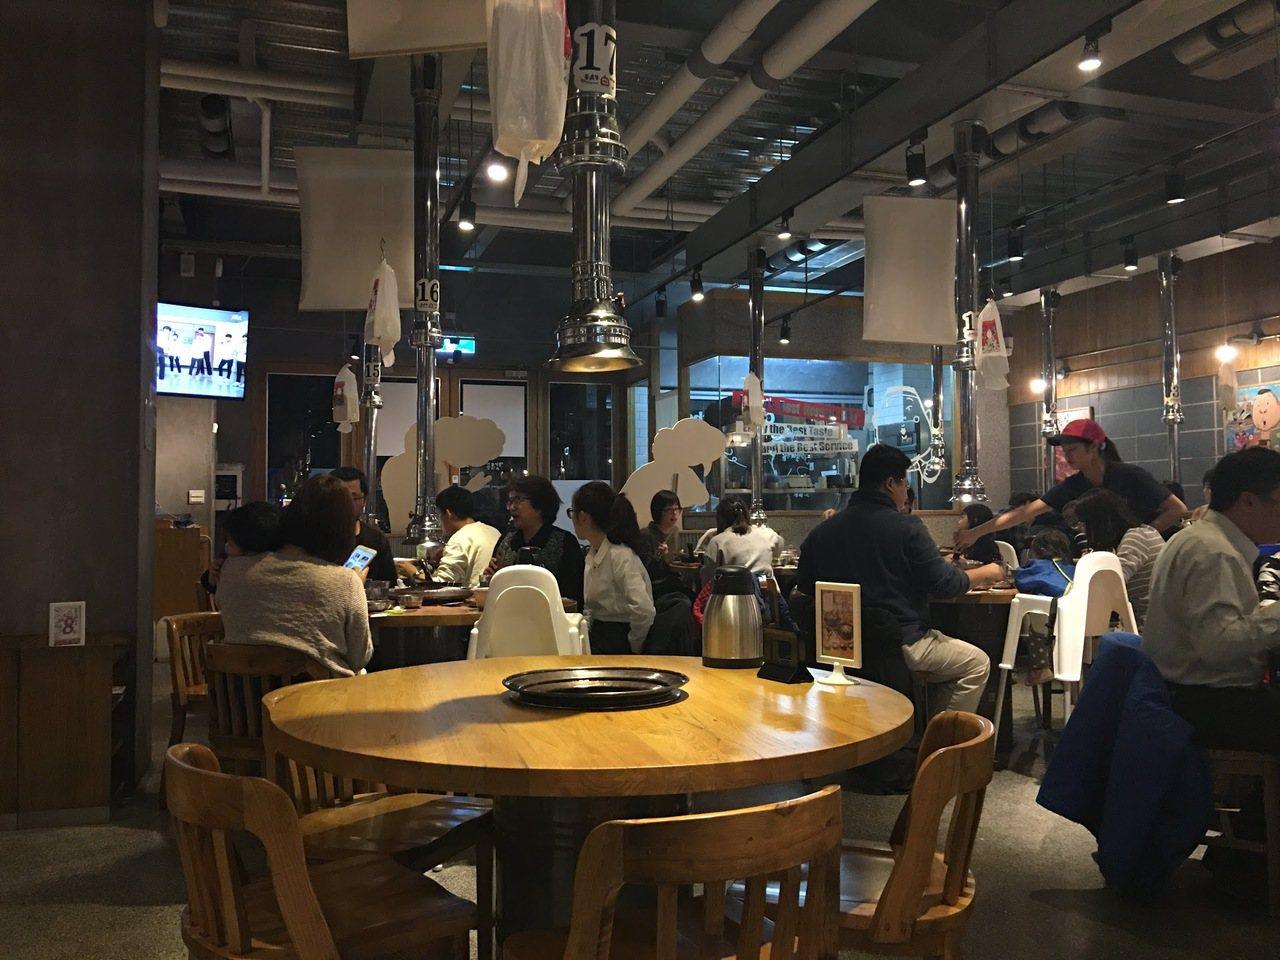 姜虎東678白丁烤肉店打著韓國藝人姜虎東的名號,相當受到台灣民眾歡迎。圖/讀者提...